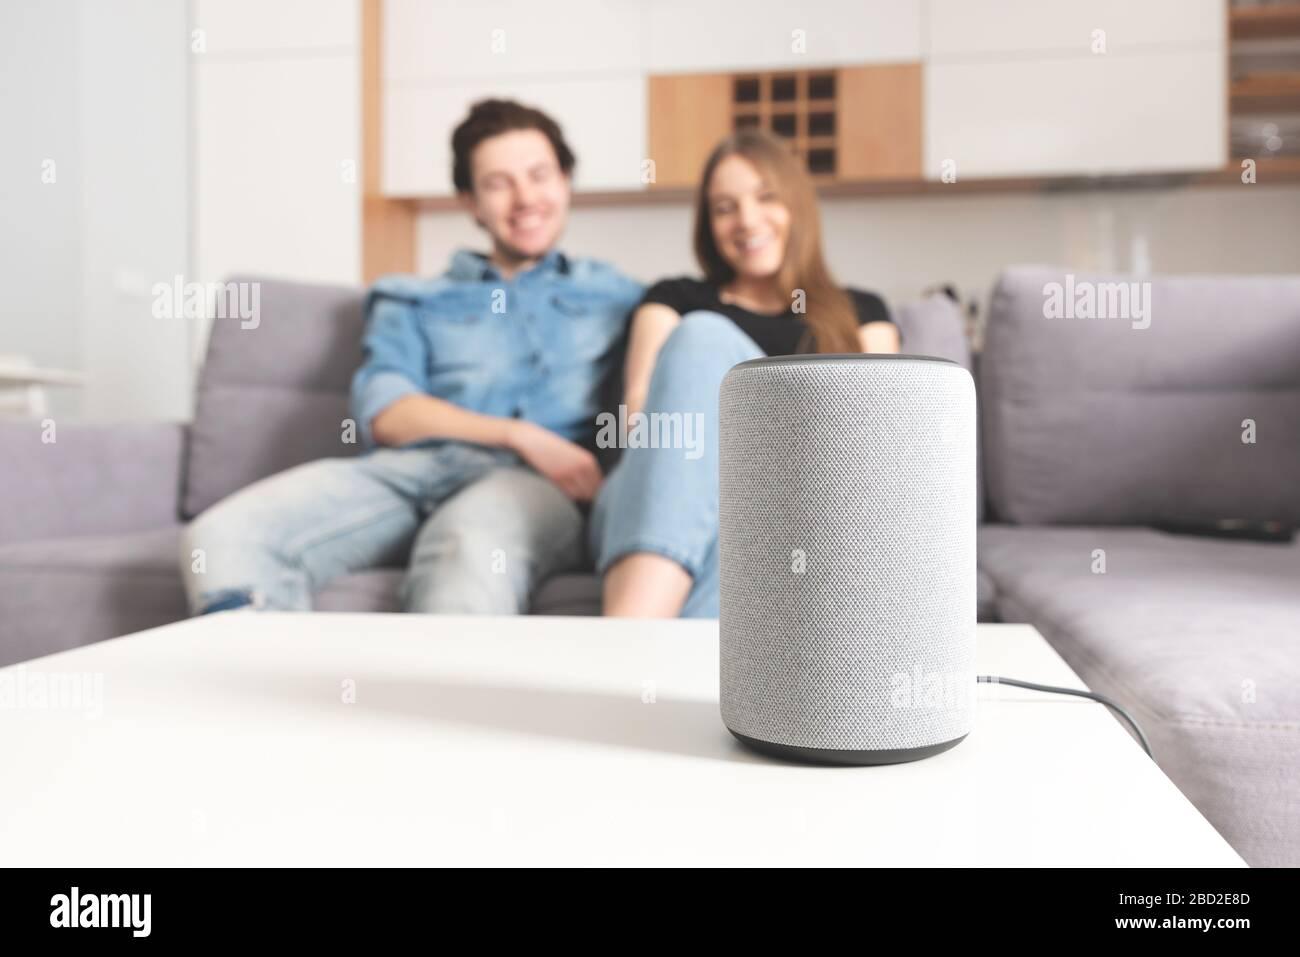 Asociar el comando de conversación con el altavoz inteligente. Asistente inteligente en sistema de hogar inteligente. Foto de stock